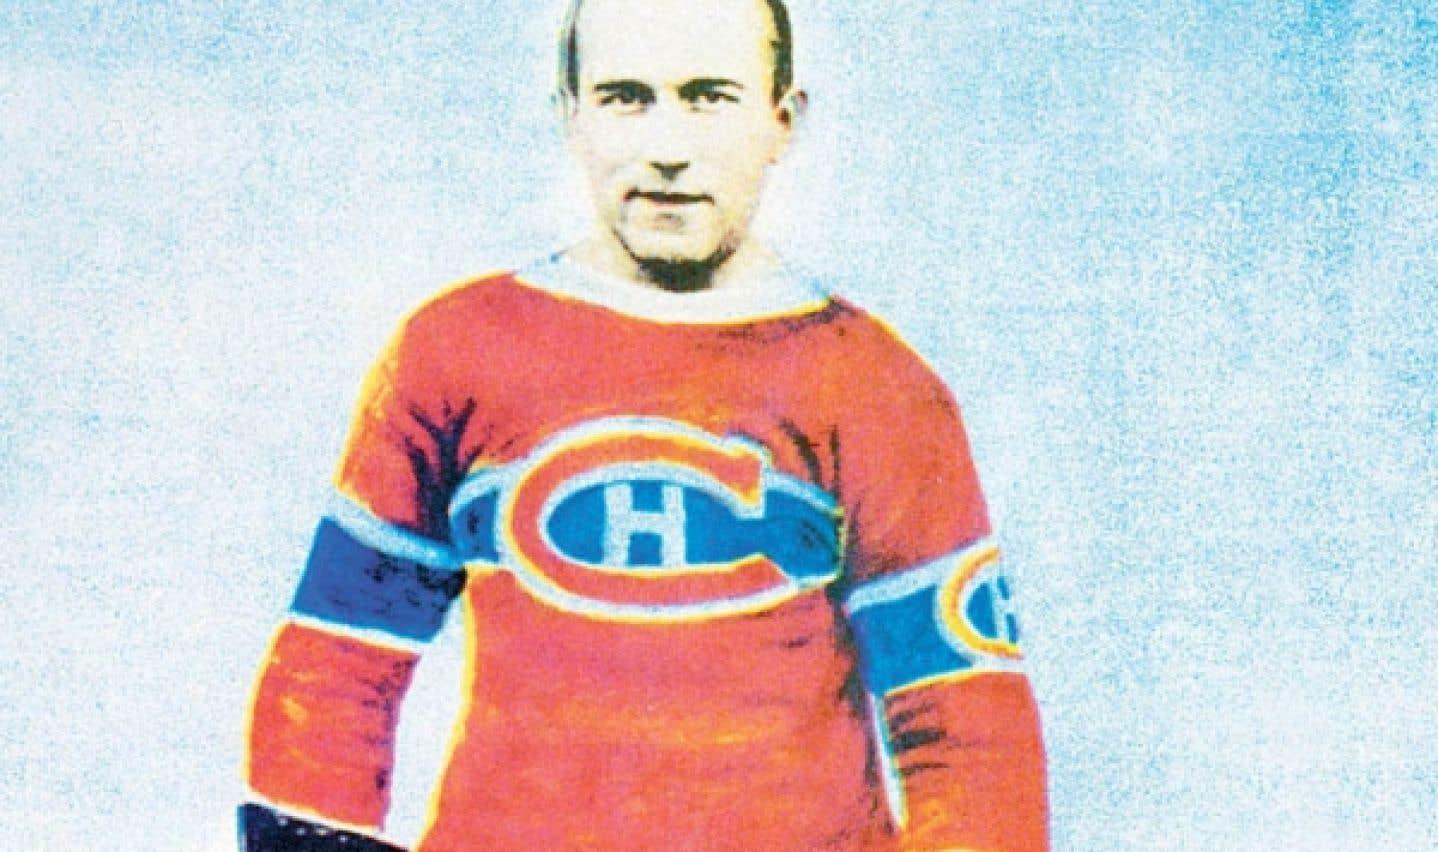 Le 4 décembre 1909 - Le jour où le Canadien est né